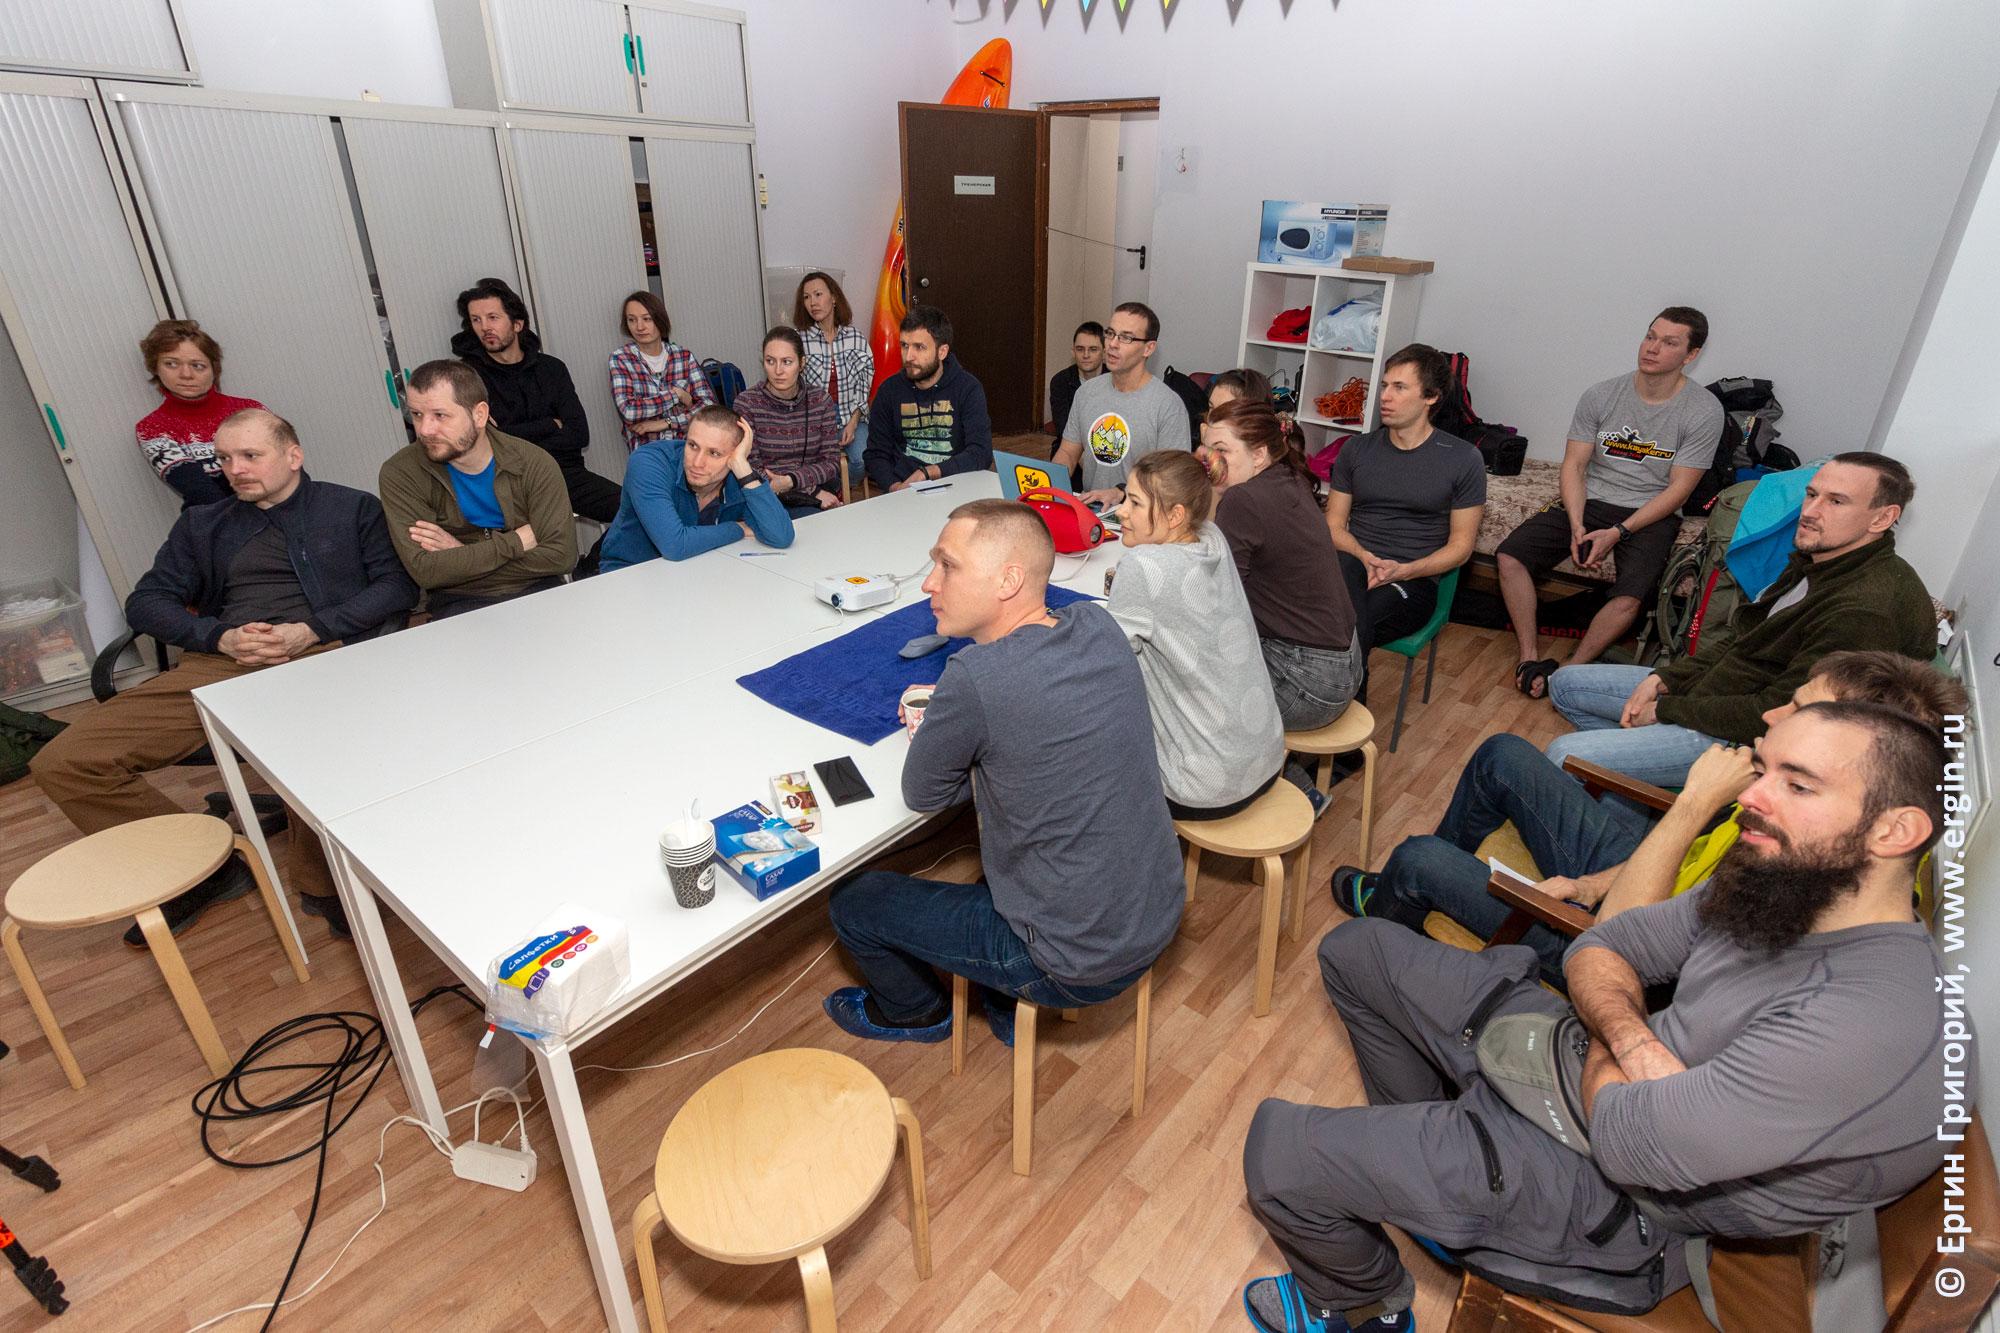 Обучение каякингу на теоретическом семинаре по бурной воде